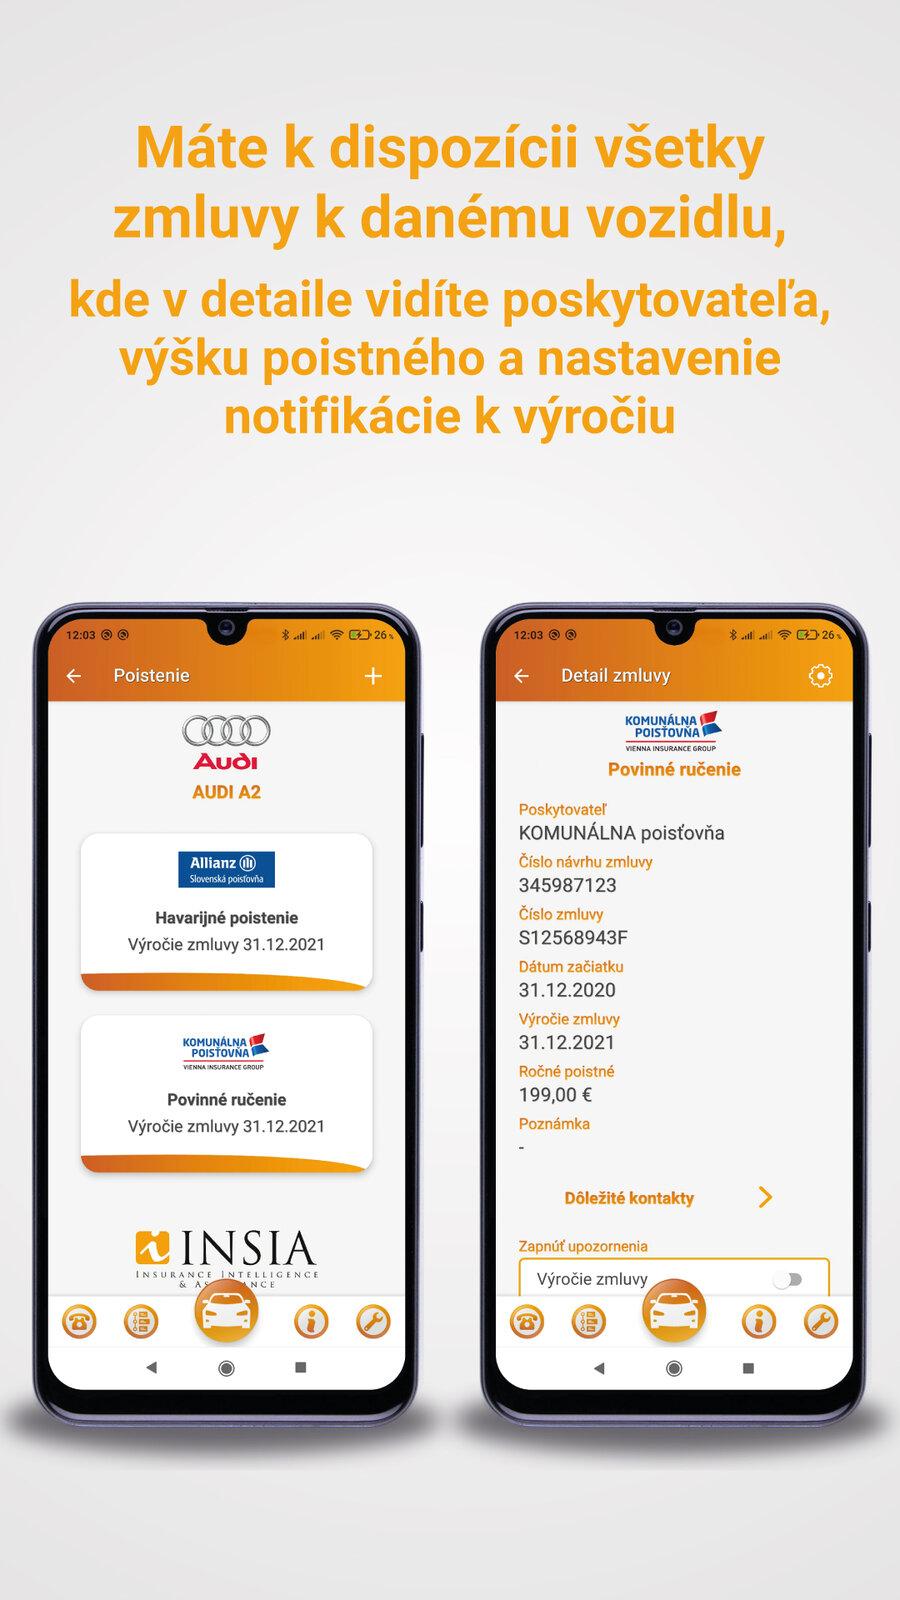 AutoMobil_Google Play Screen_SK_3 (1)